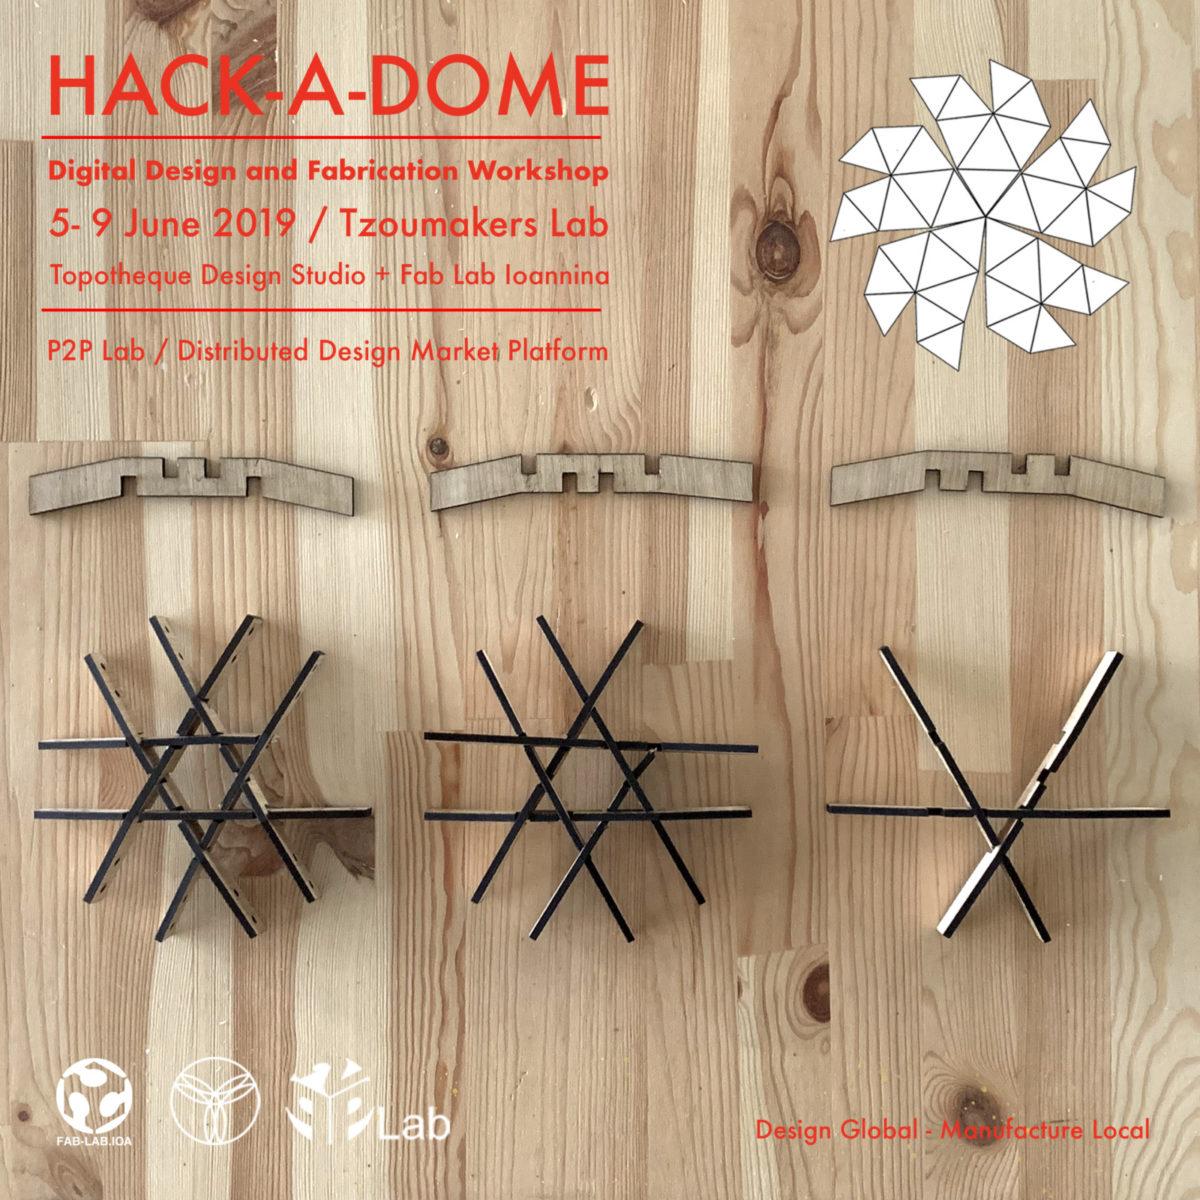 Εργαστήριο Αυτοφερόμενης Κατασκευής «Hack-A-Dome»,  οικισμός Καλέντζι, Ήπειρος, 05-09 Ιουνίου 2019